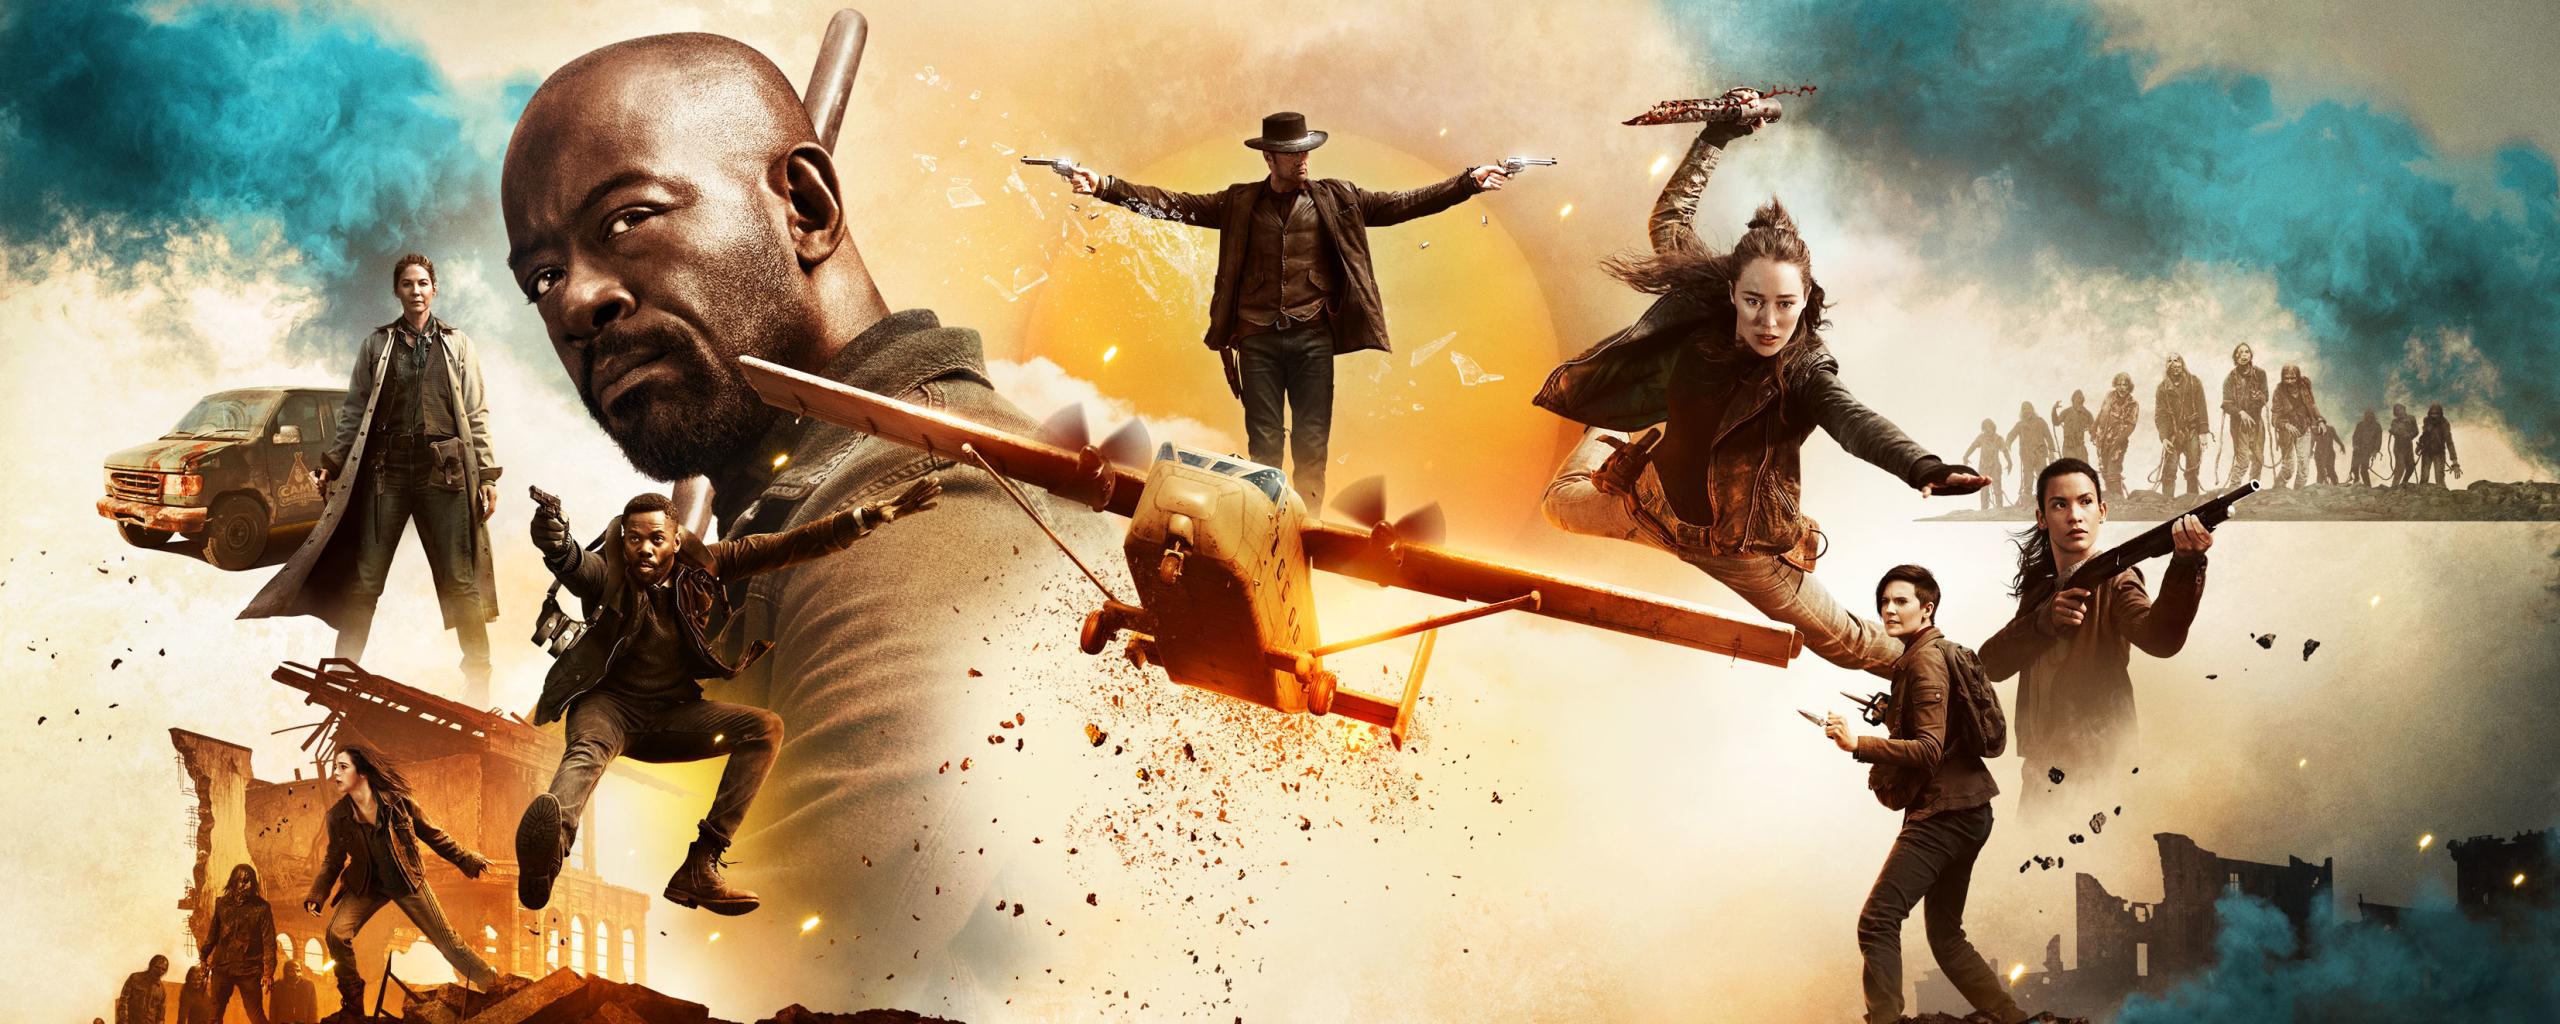 2560x1024 Fear The Walking Dead Season 5 2560x1024 Resolution